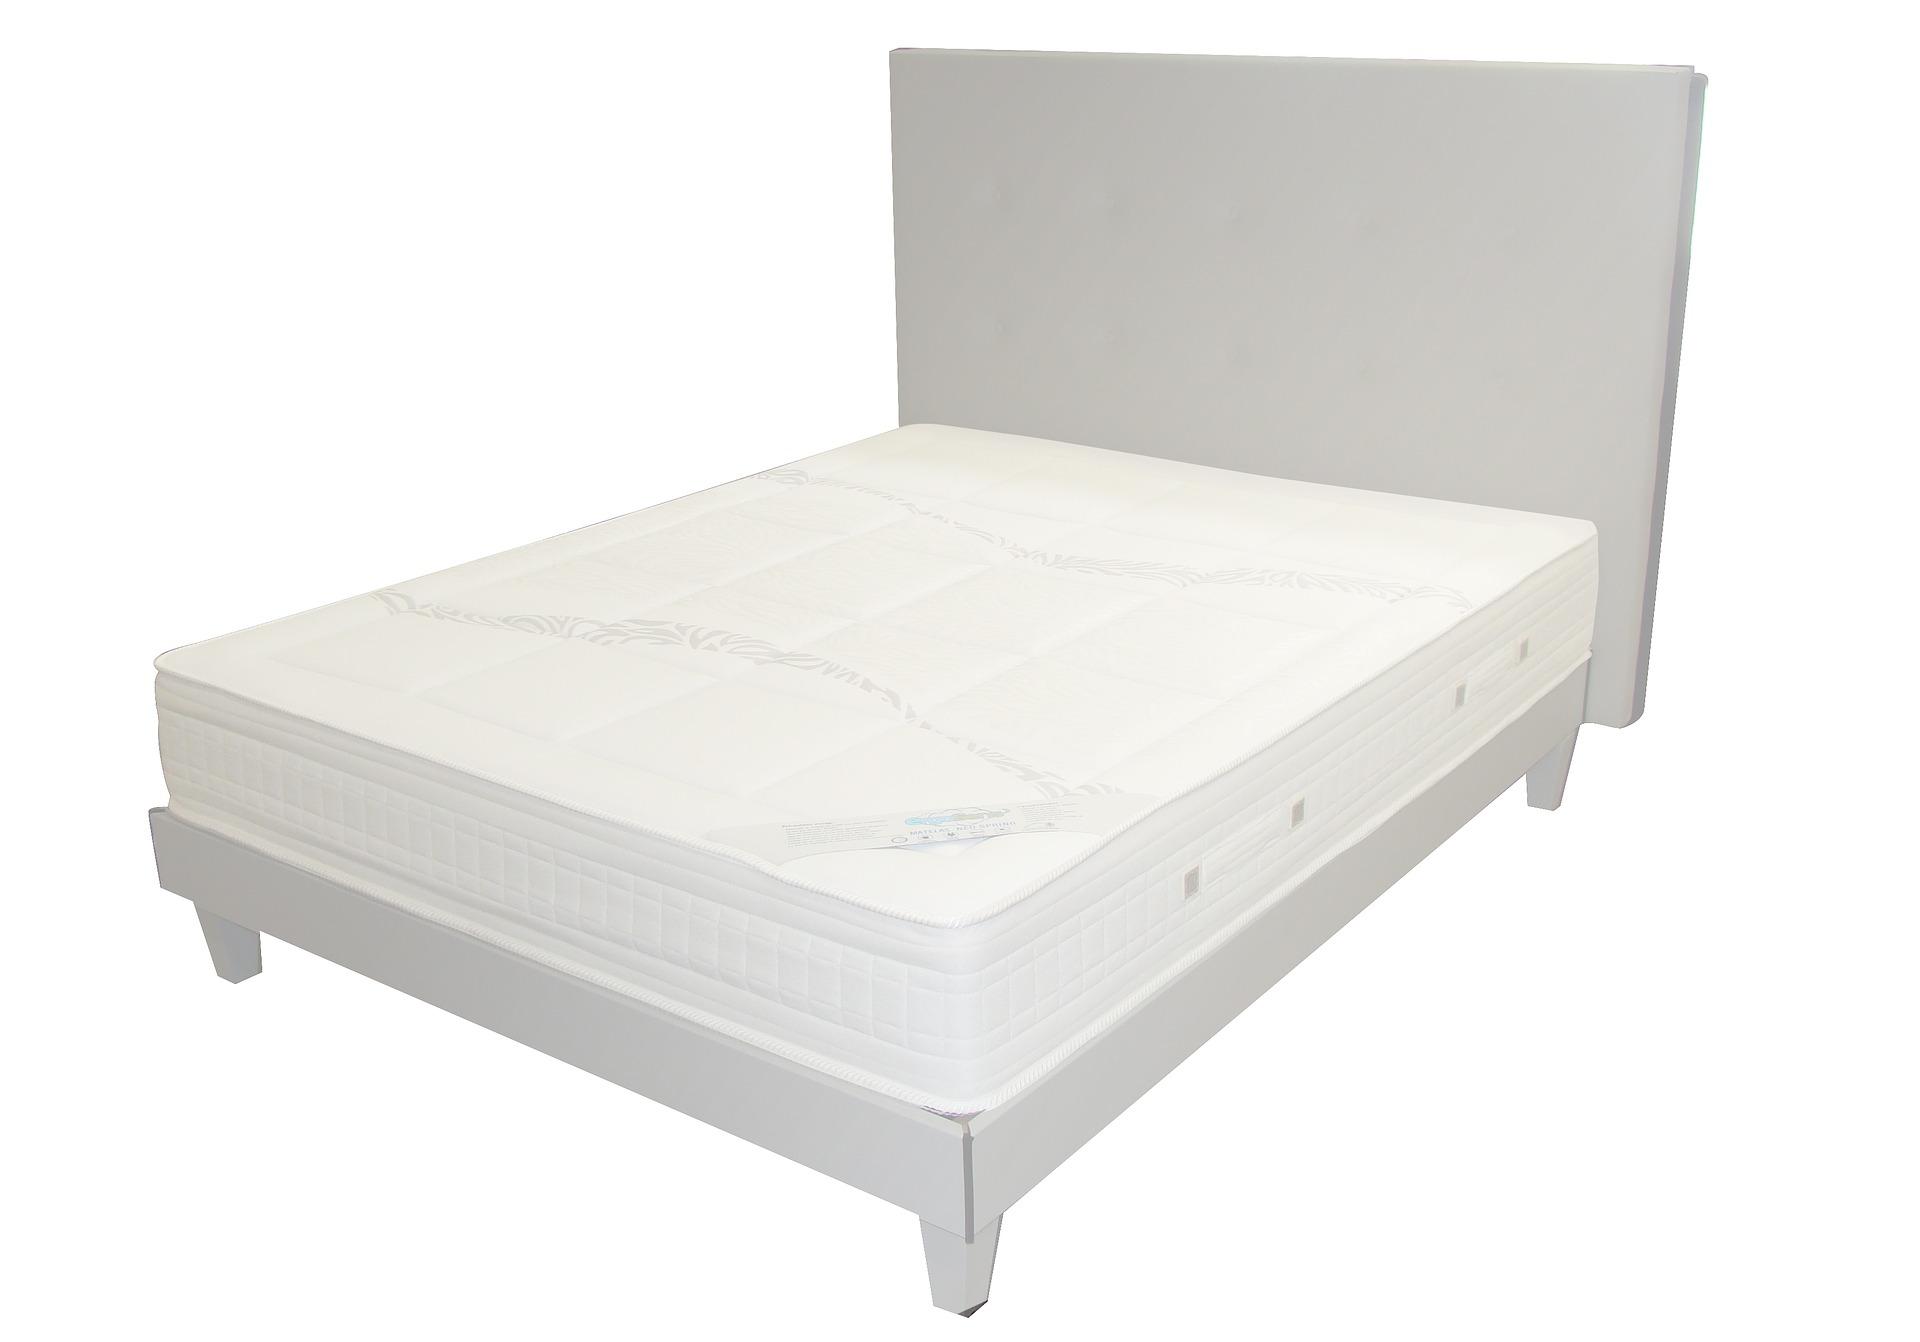 mattress-2029193_1920